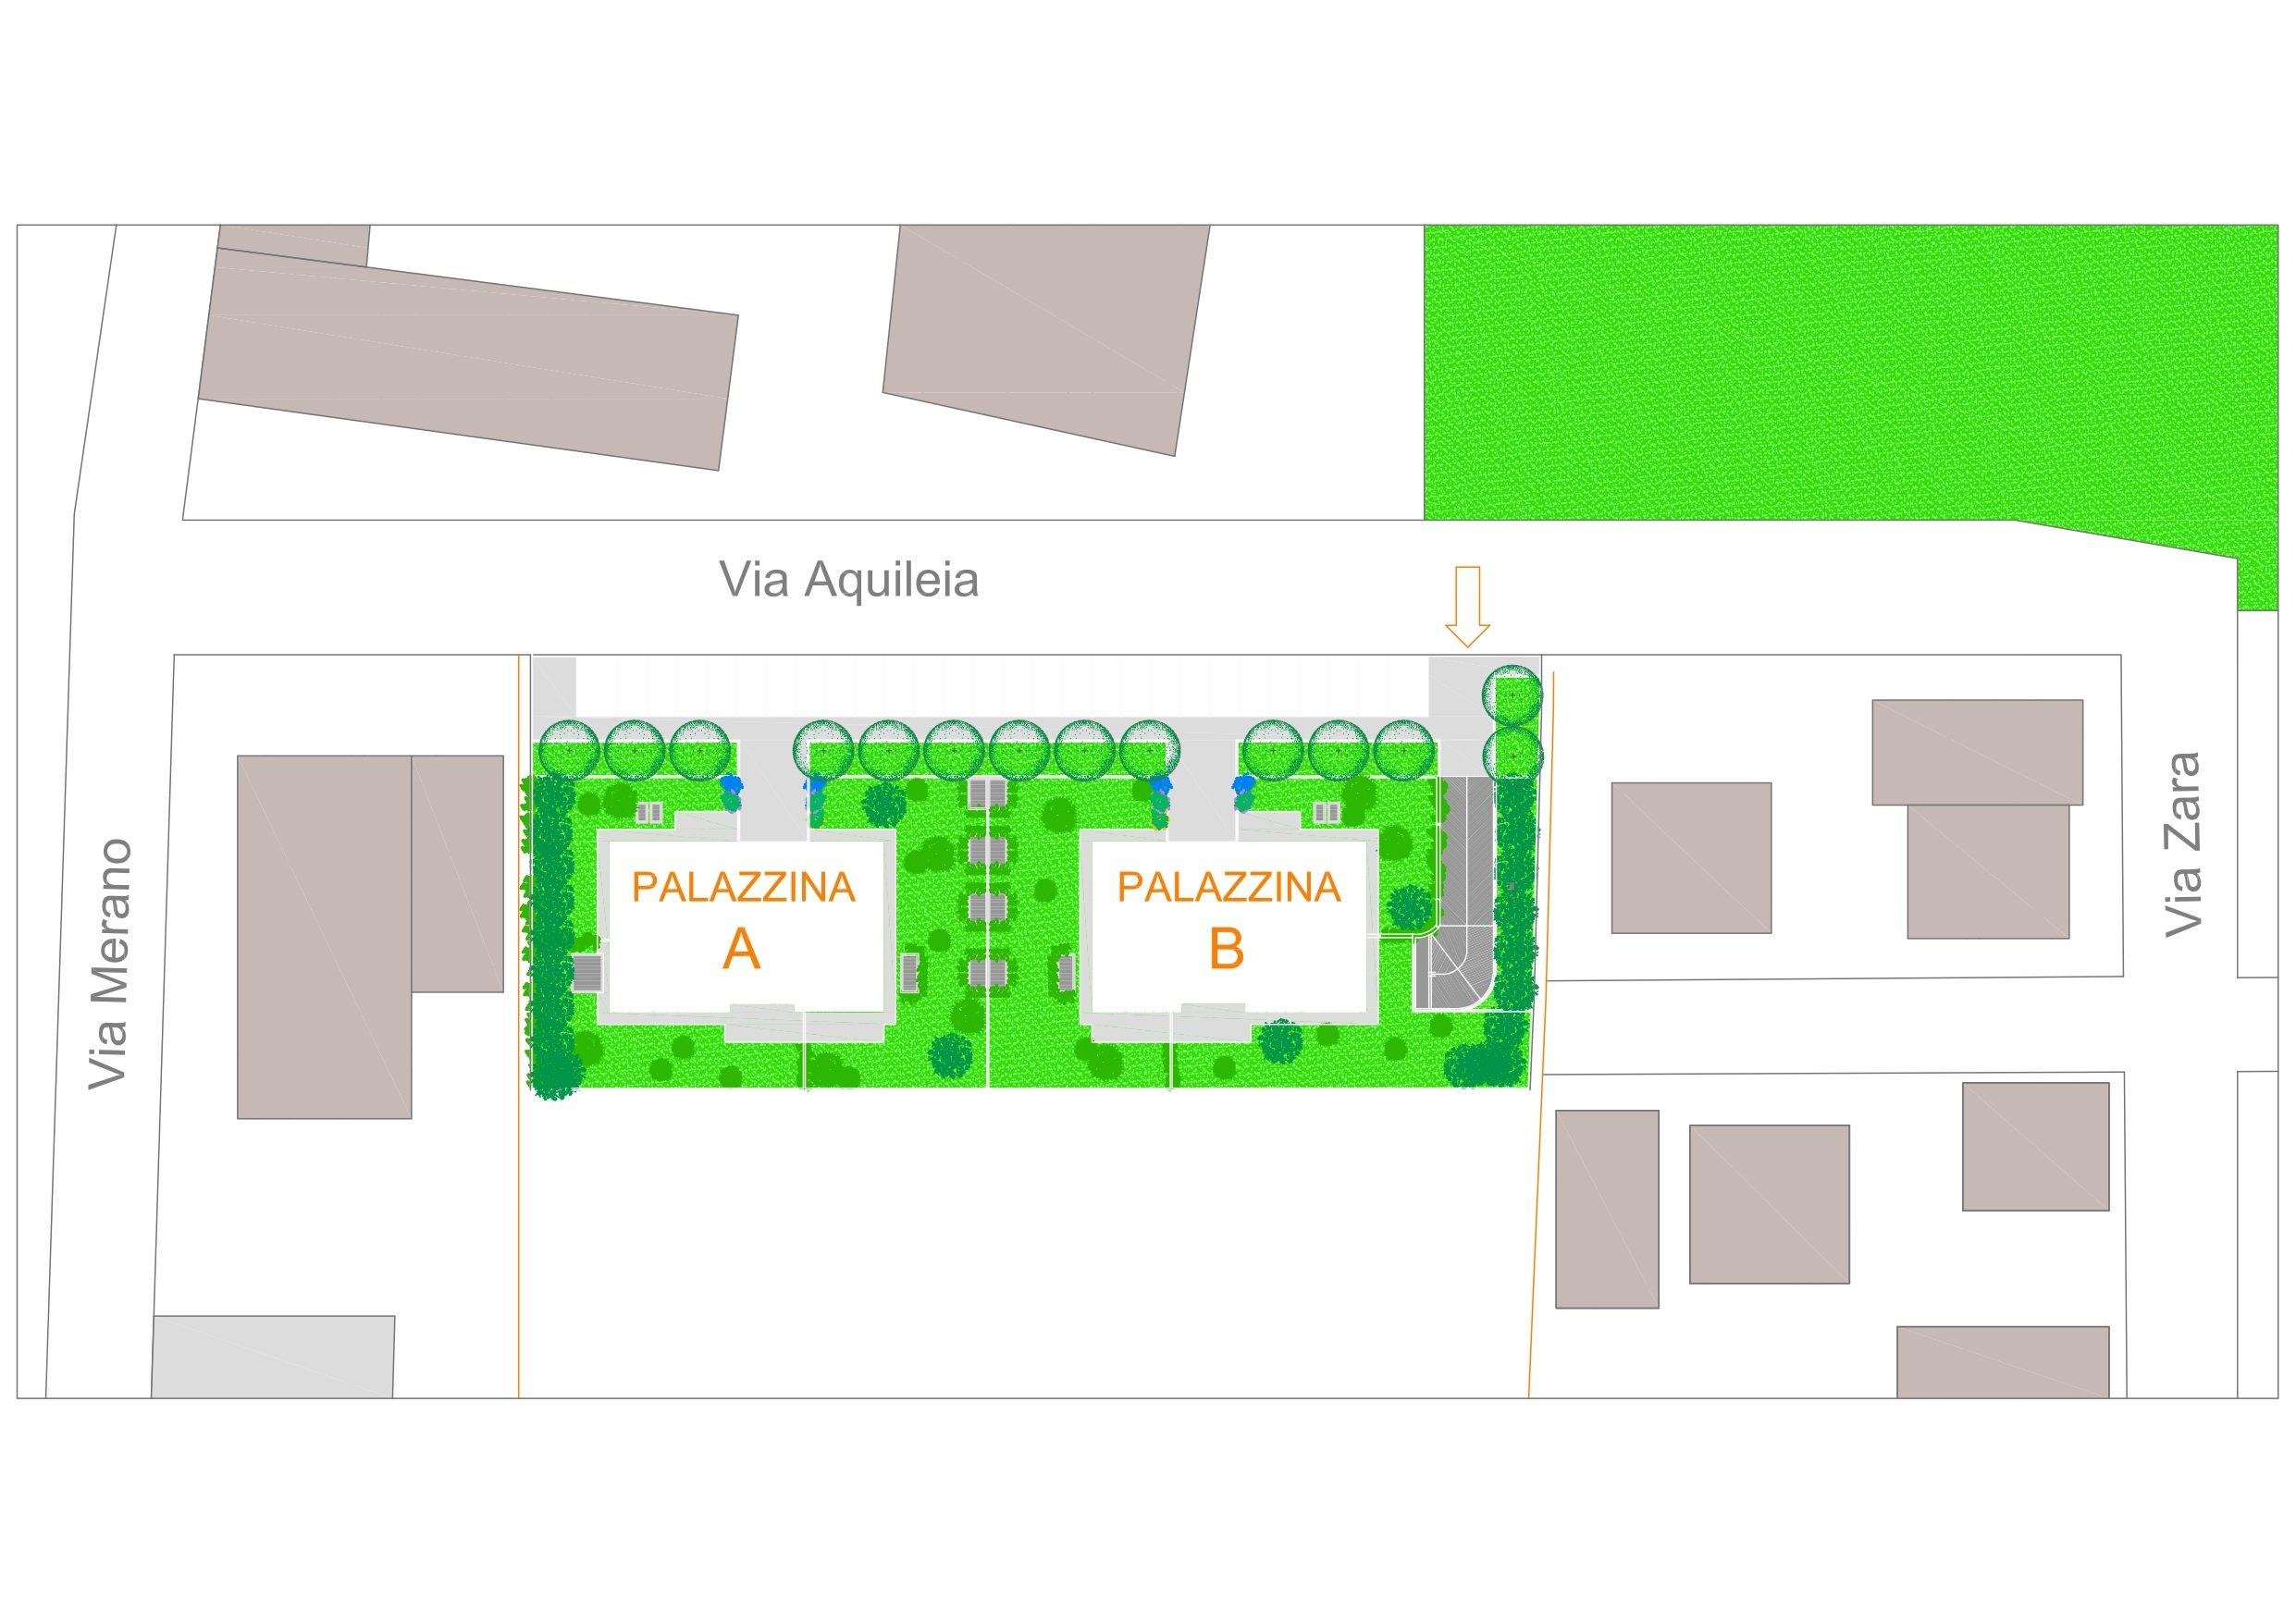 Pdf appartamenti palazzina B